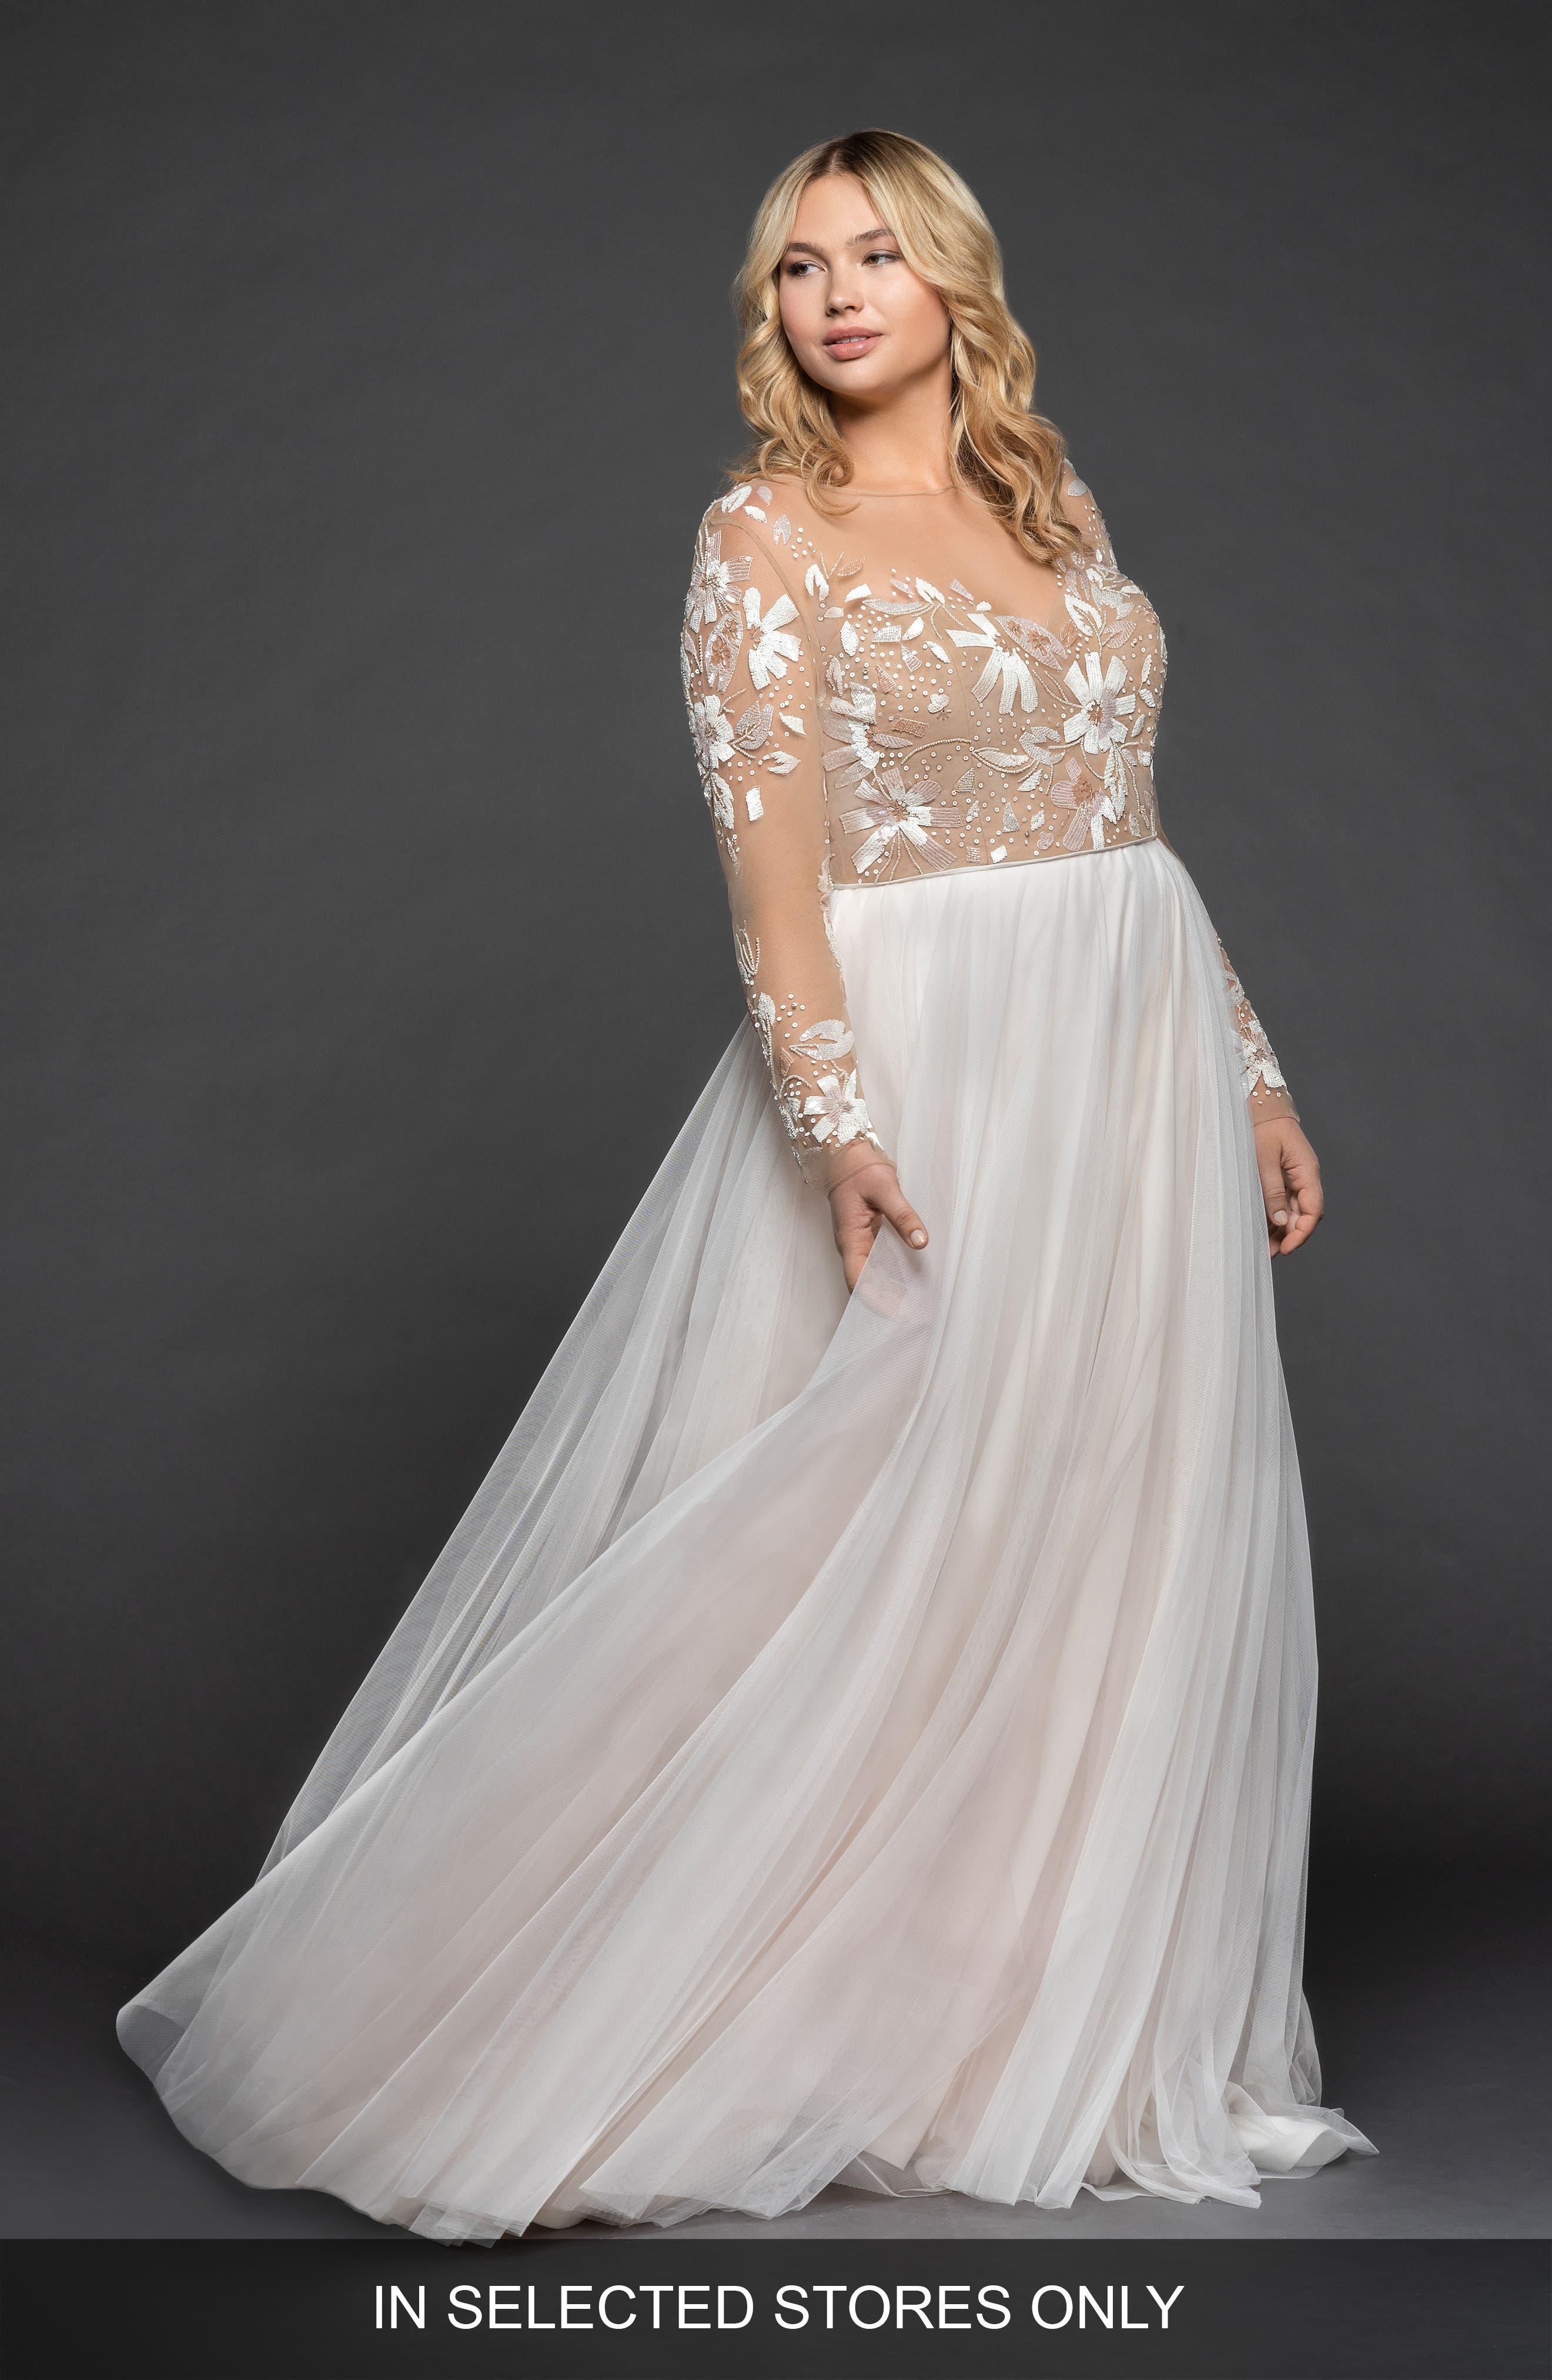 Courthouse Wedding Dresses Plus Size